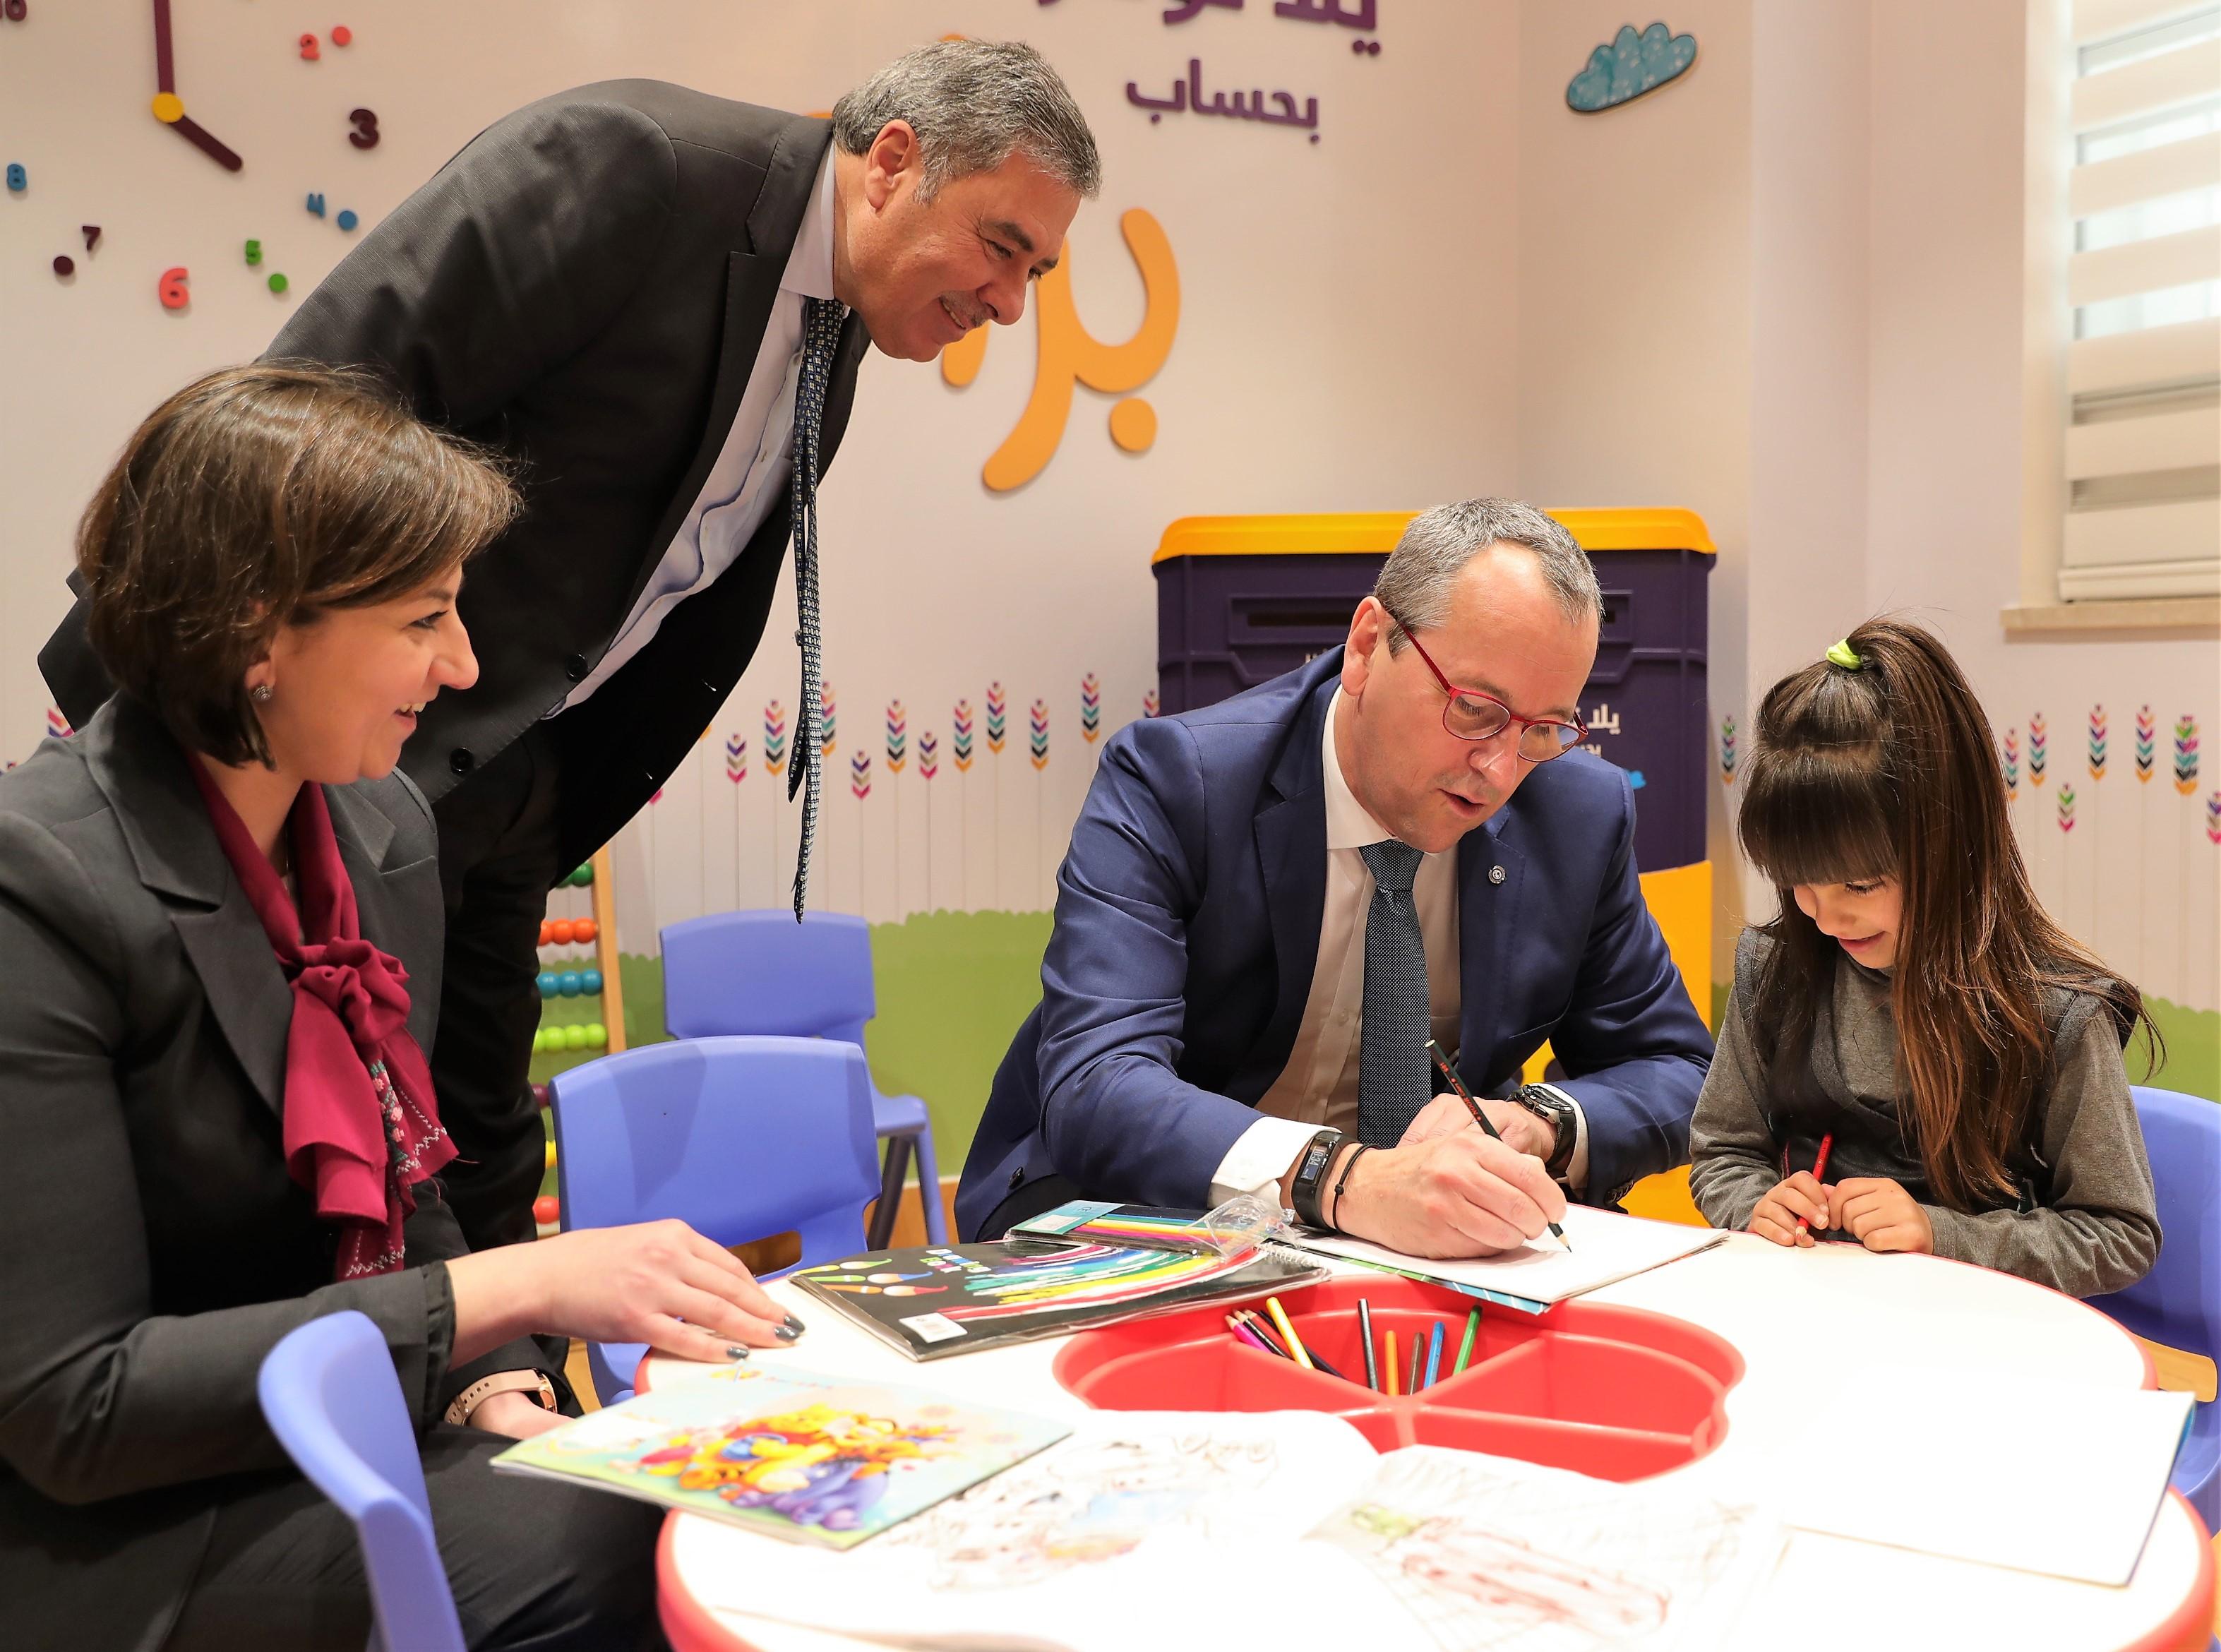 بنك فلسطين يستقبل المدير الإقليمي لمنظمة اليونيسيف في منطقة الشرق الأوسط وشمال أفريقيا ويبحث معه سبل التعاون المشترك